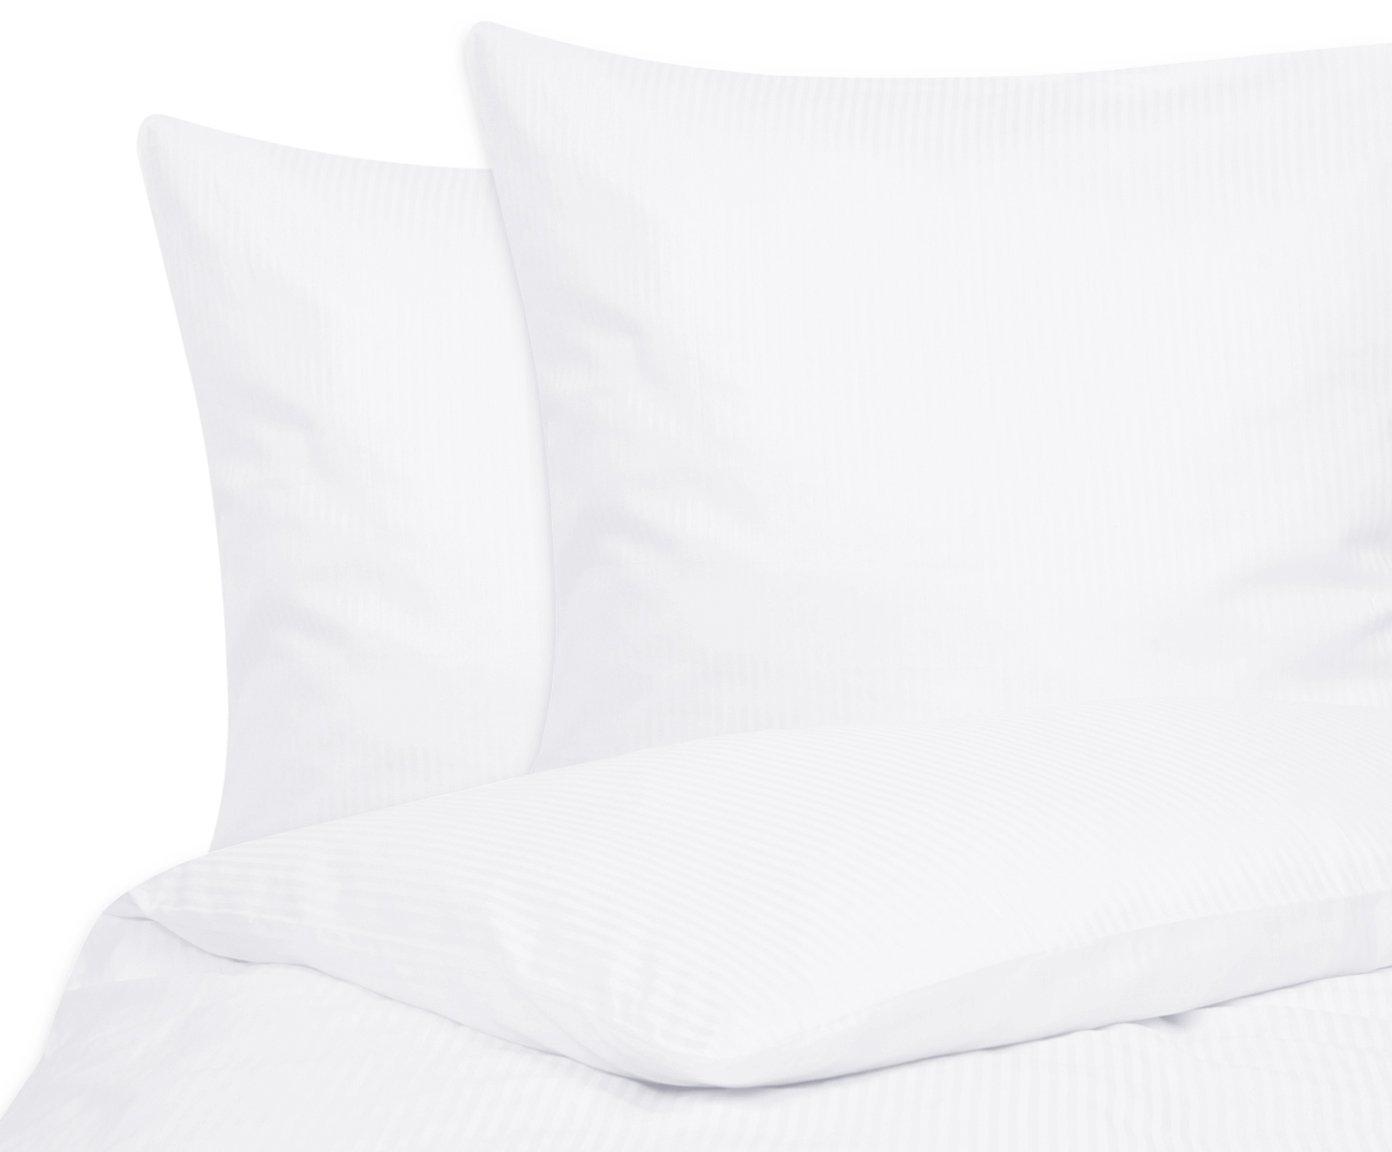 Port Maine Jacquardstreifen Bettwäsche-Set Charlotte, 100% Baumwollsatin mit Leicht glänzender Oberfläche, Bettbezug 240 x 220 cm, 2 Kissenbezüge 80 x 80 cm, 3-teilig, Weiß